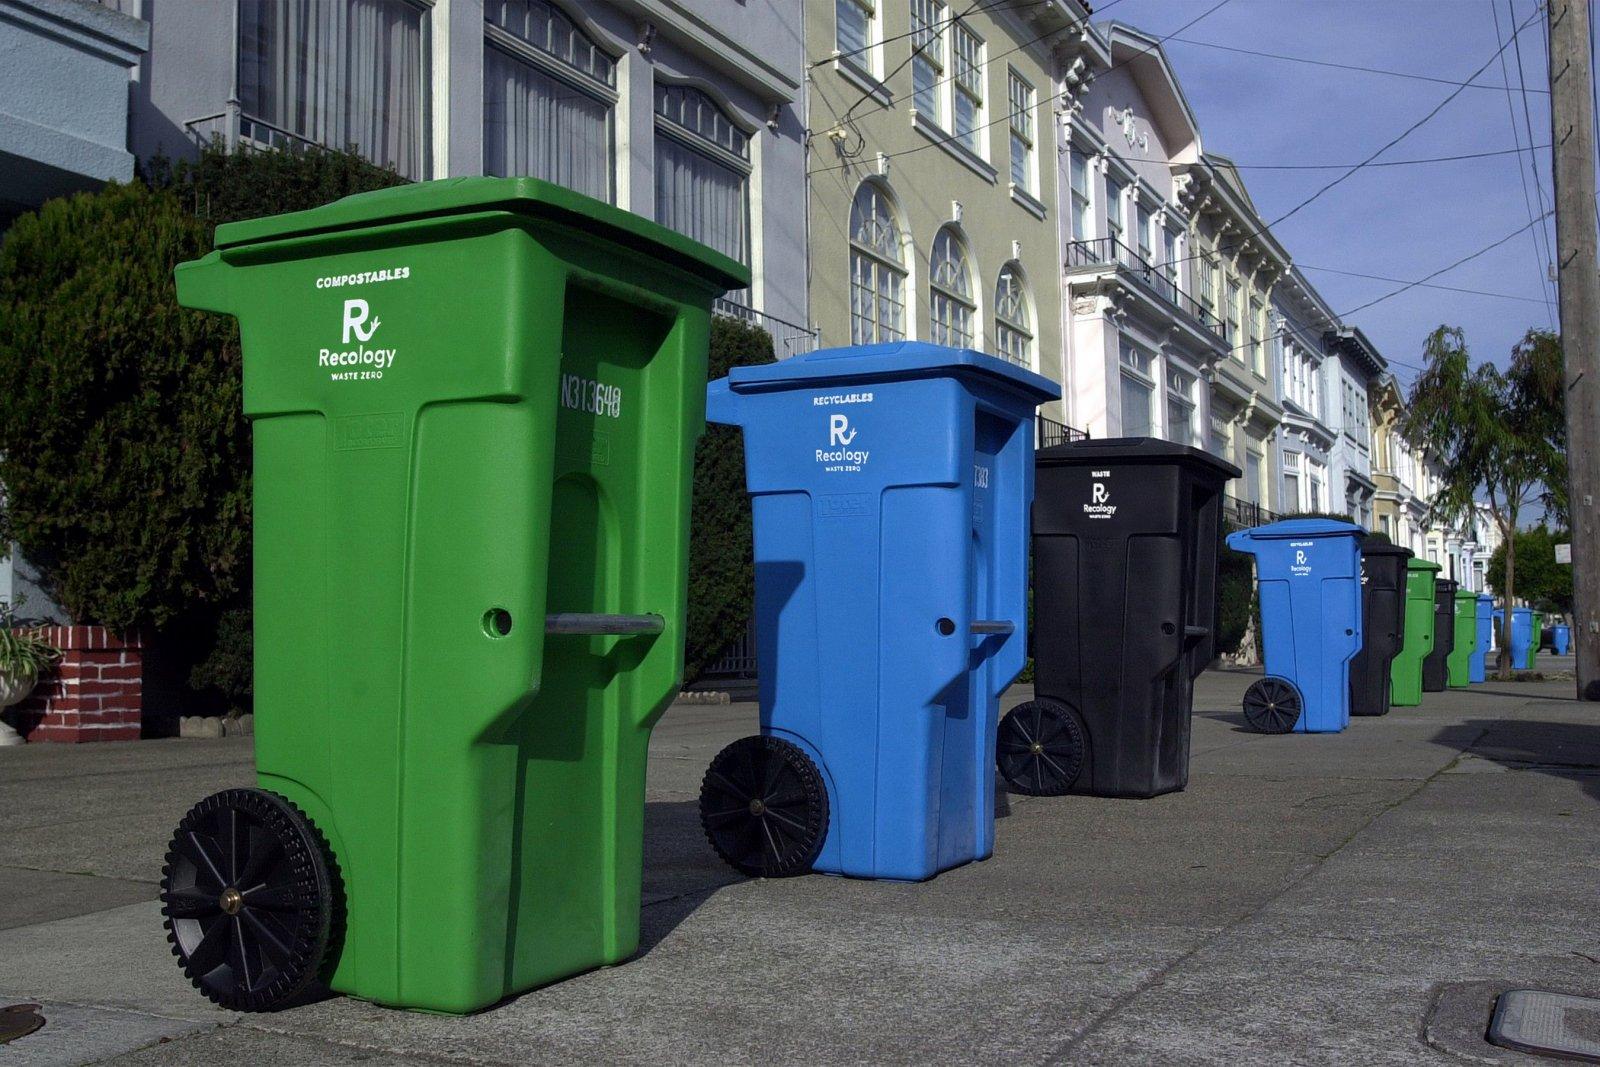 Найближчим часом інфраструктури для сортування сміття в Запоріжжі не буде